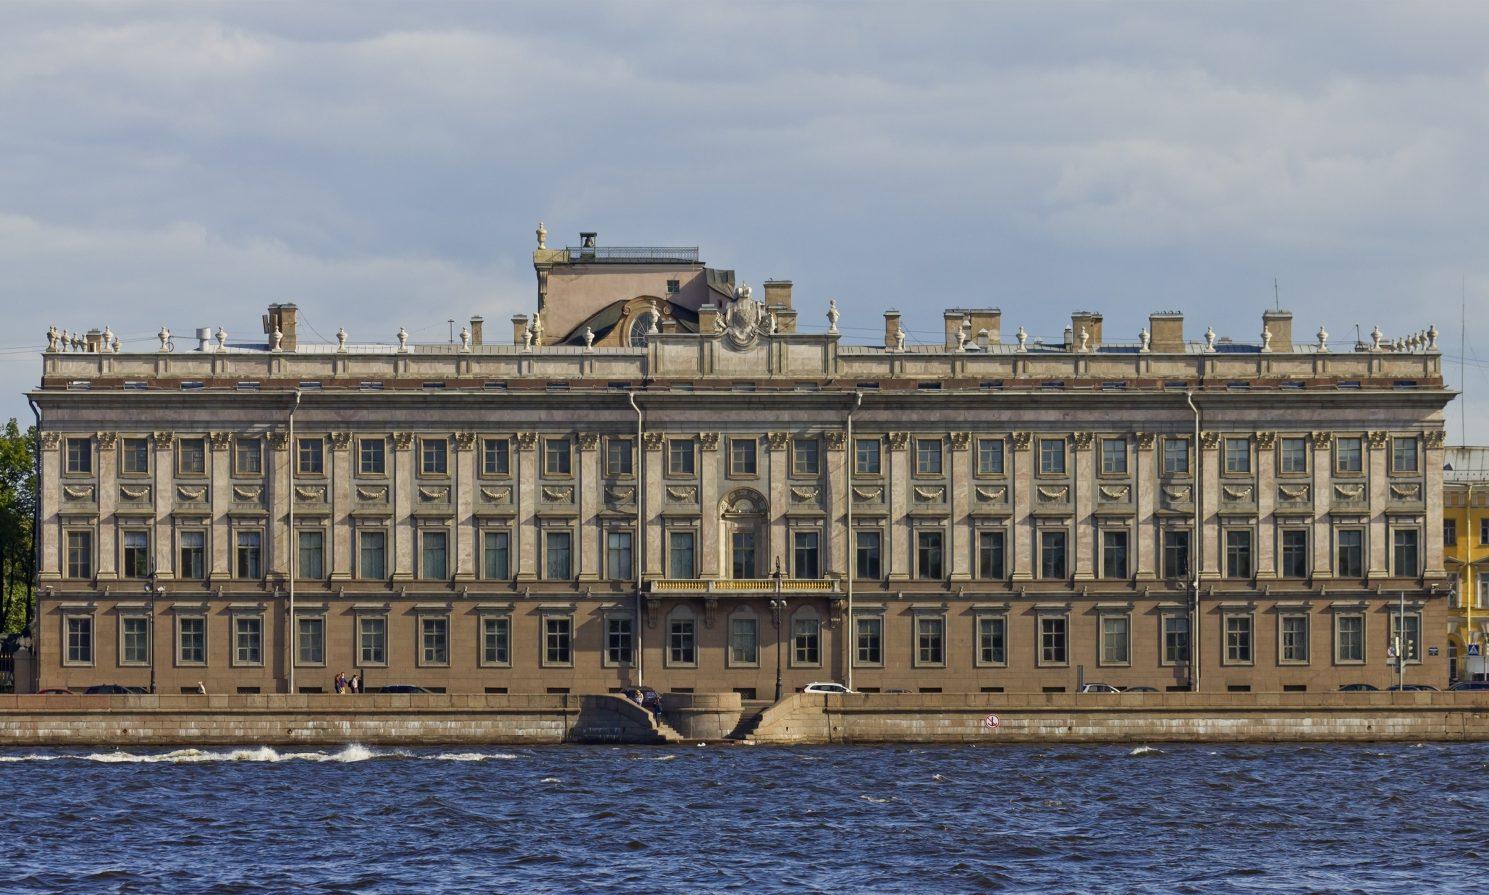 Мраморный дворец в Санкт-Петербурге билеты